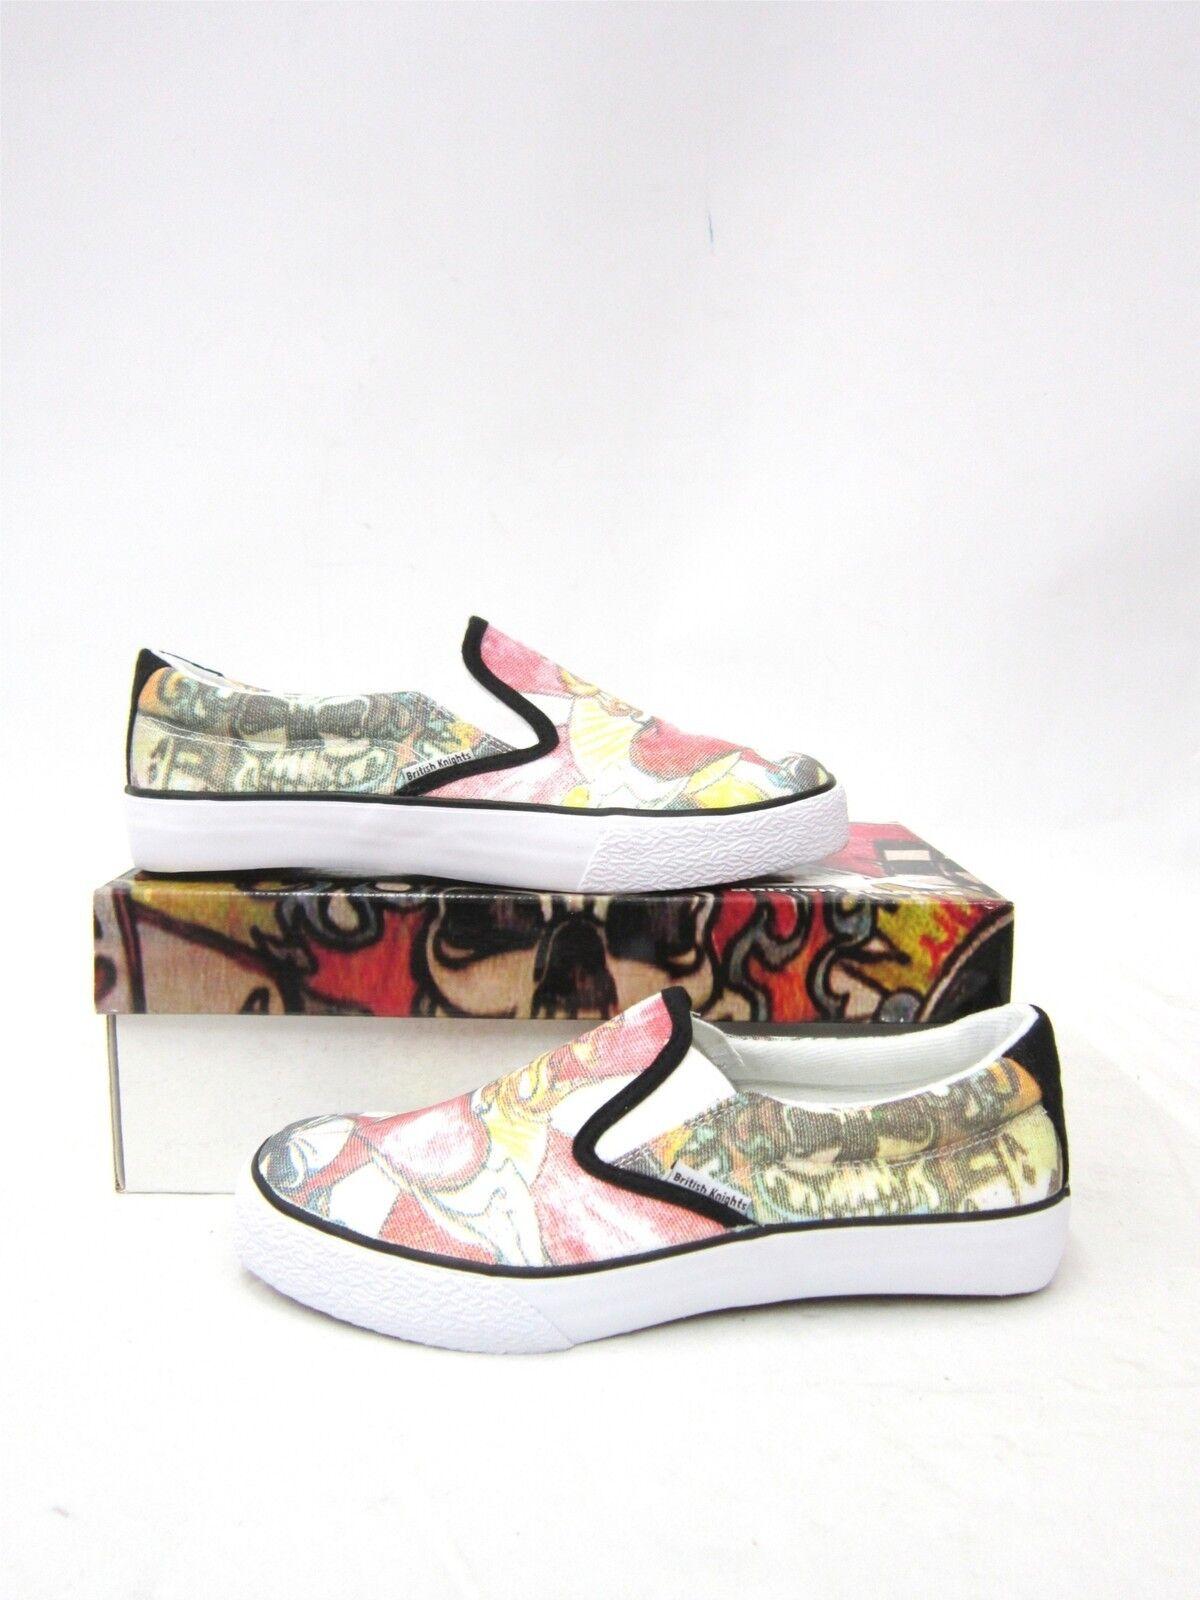 BK Sneaker Slipon Skull Schuh white  5006